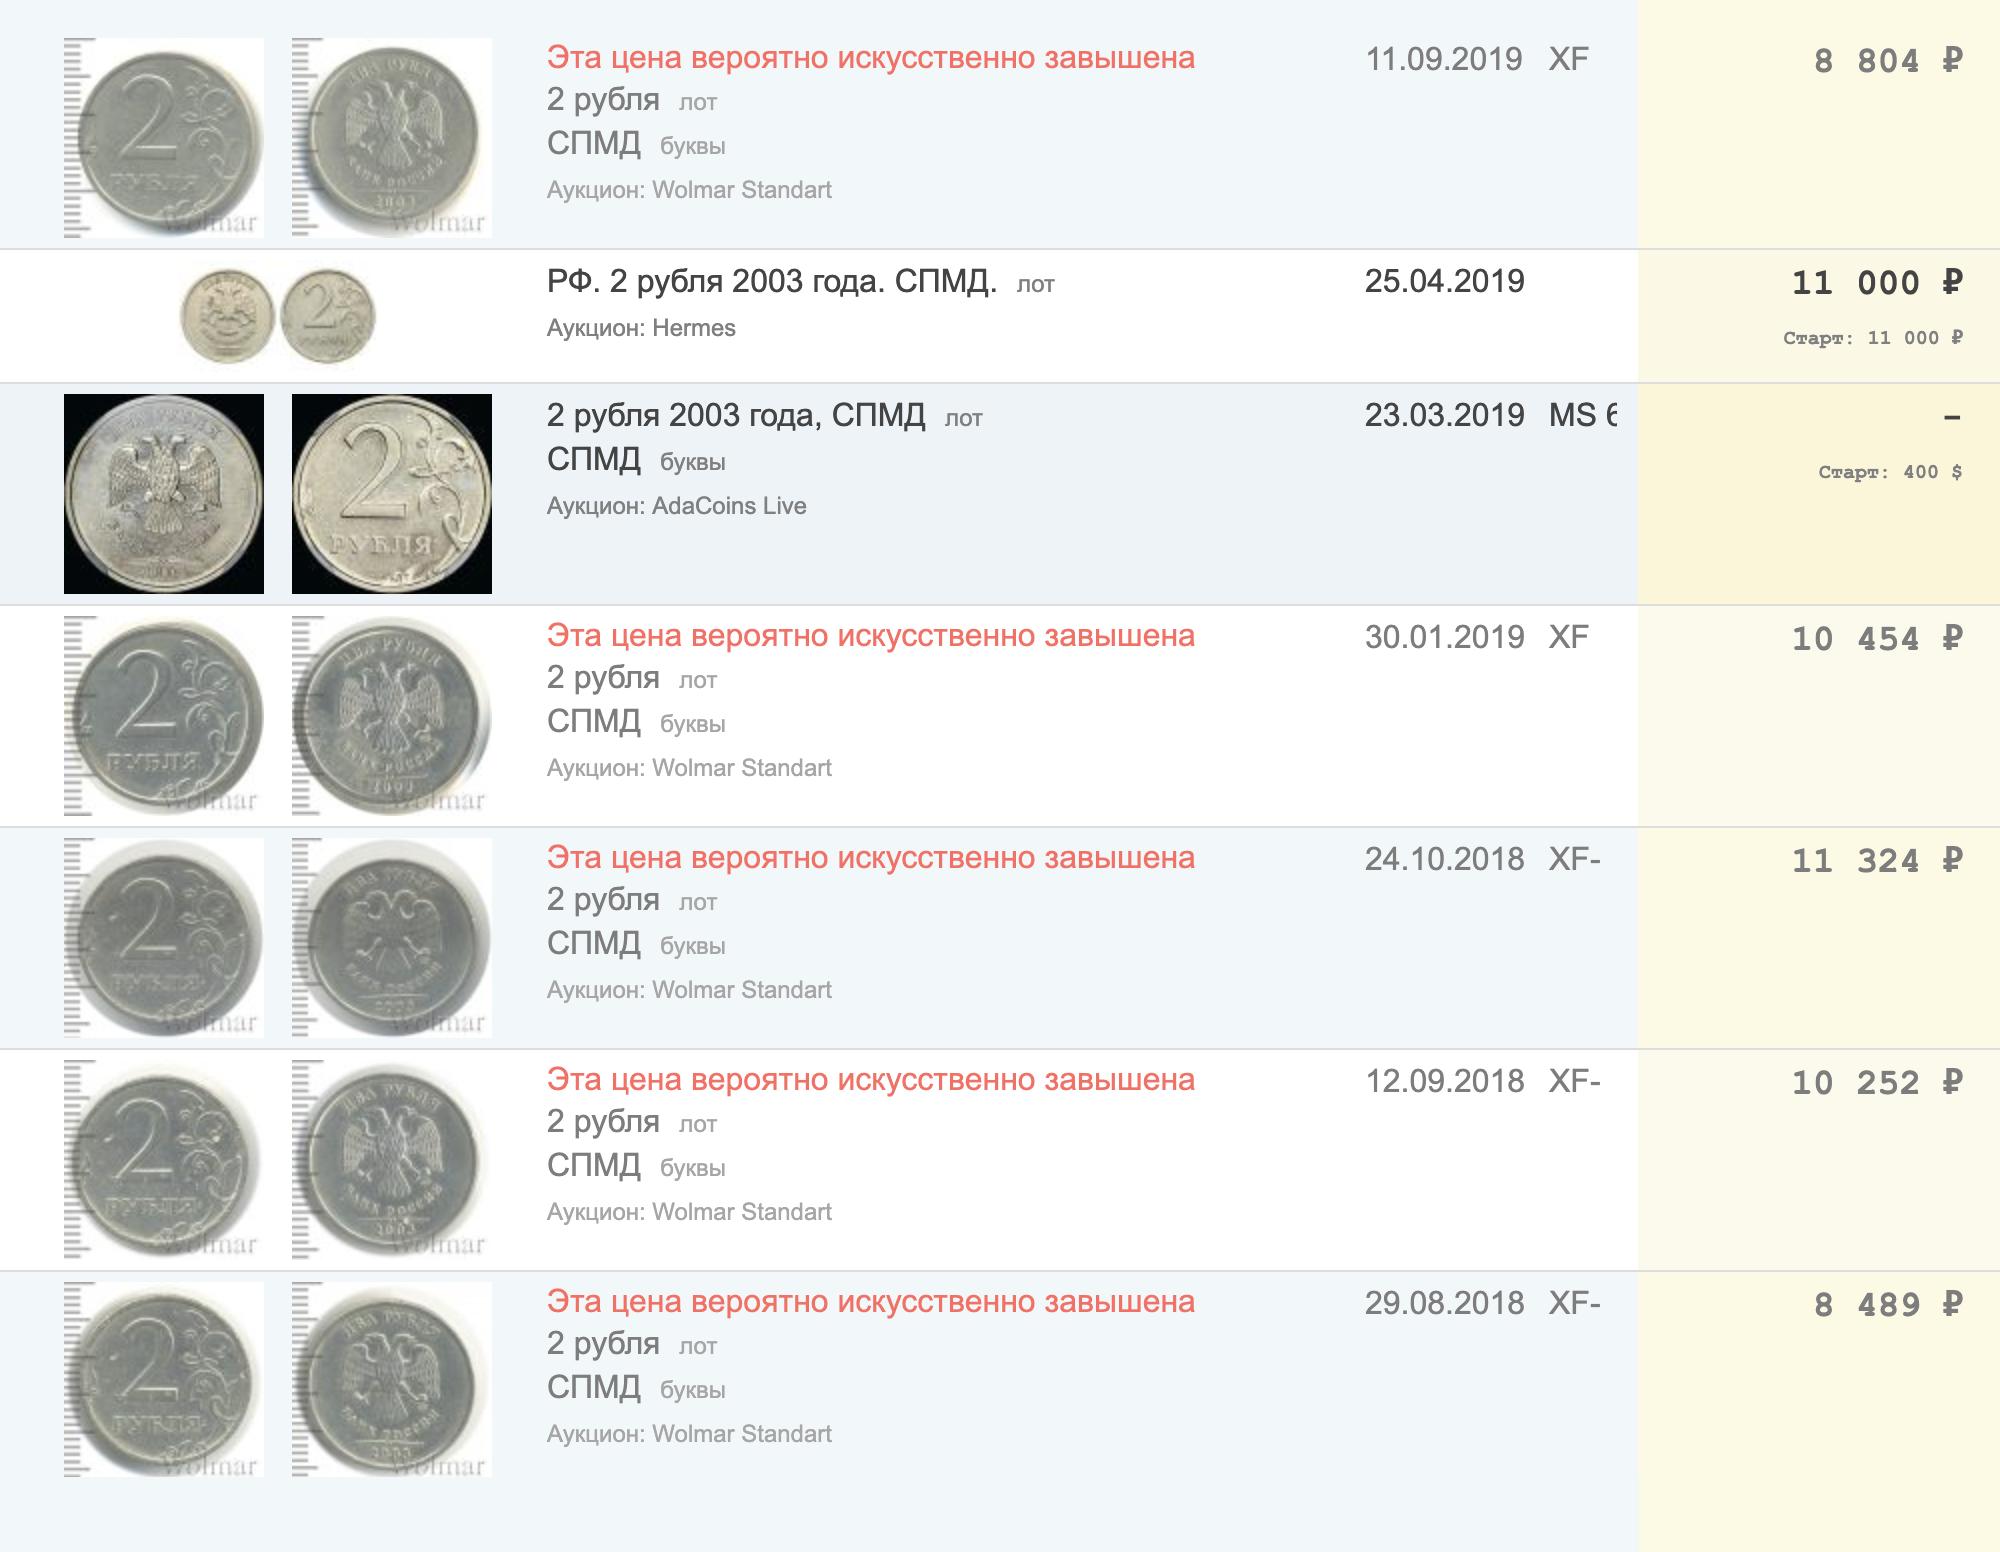 На «Раритетусе» есть агрегатор аукционов с ценами монет. Бывает, что цена искусственно завышена и ориентироваться нанее не стоит — «Раритетус» обэтом предупреждает